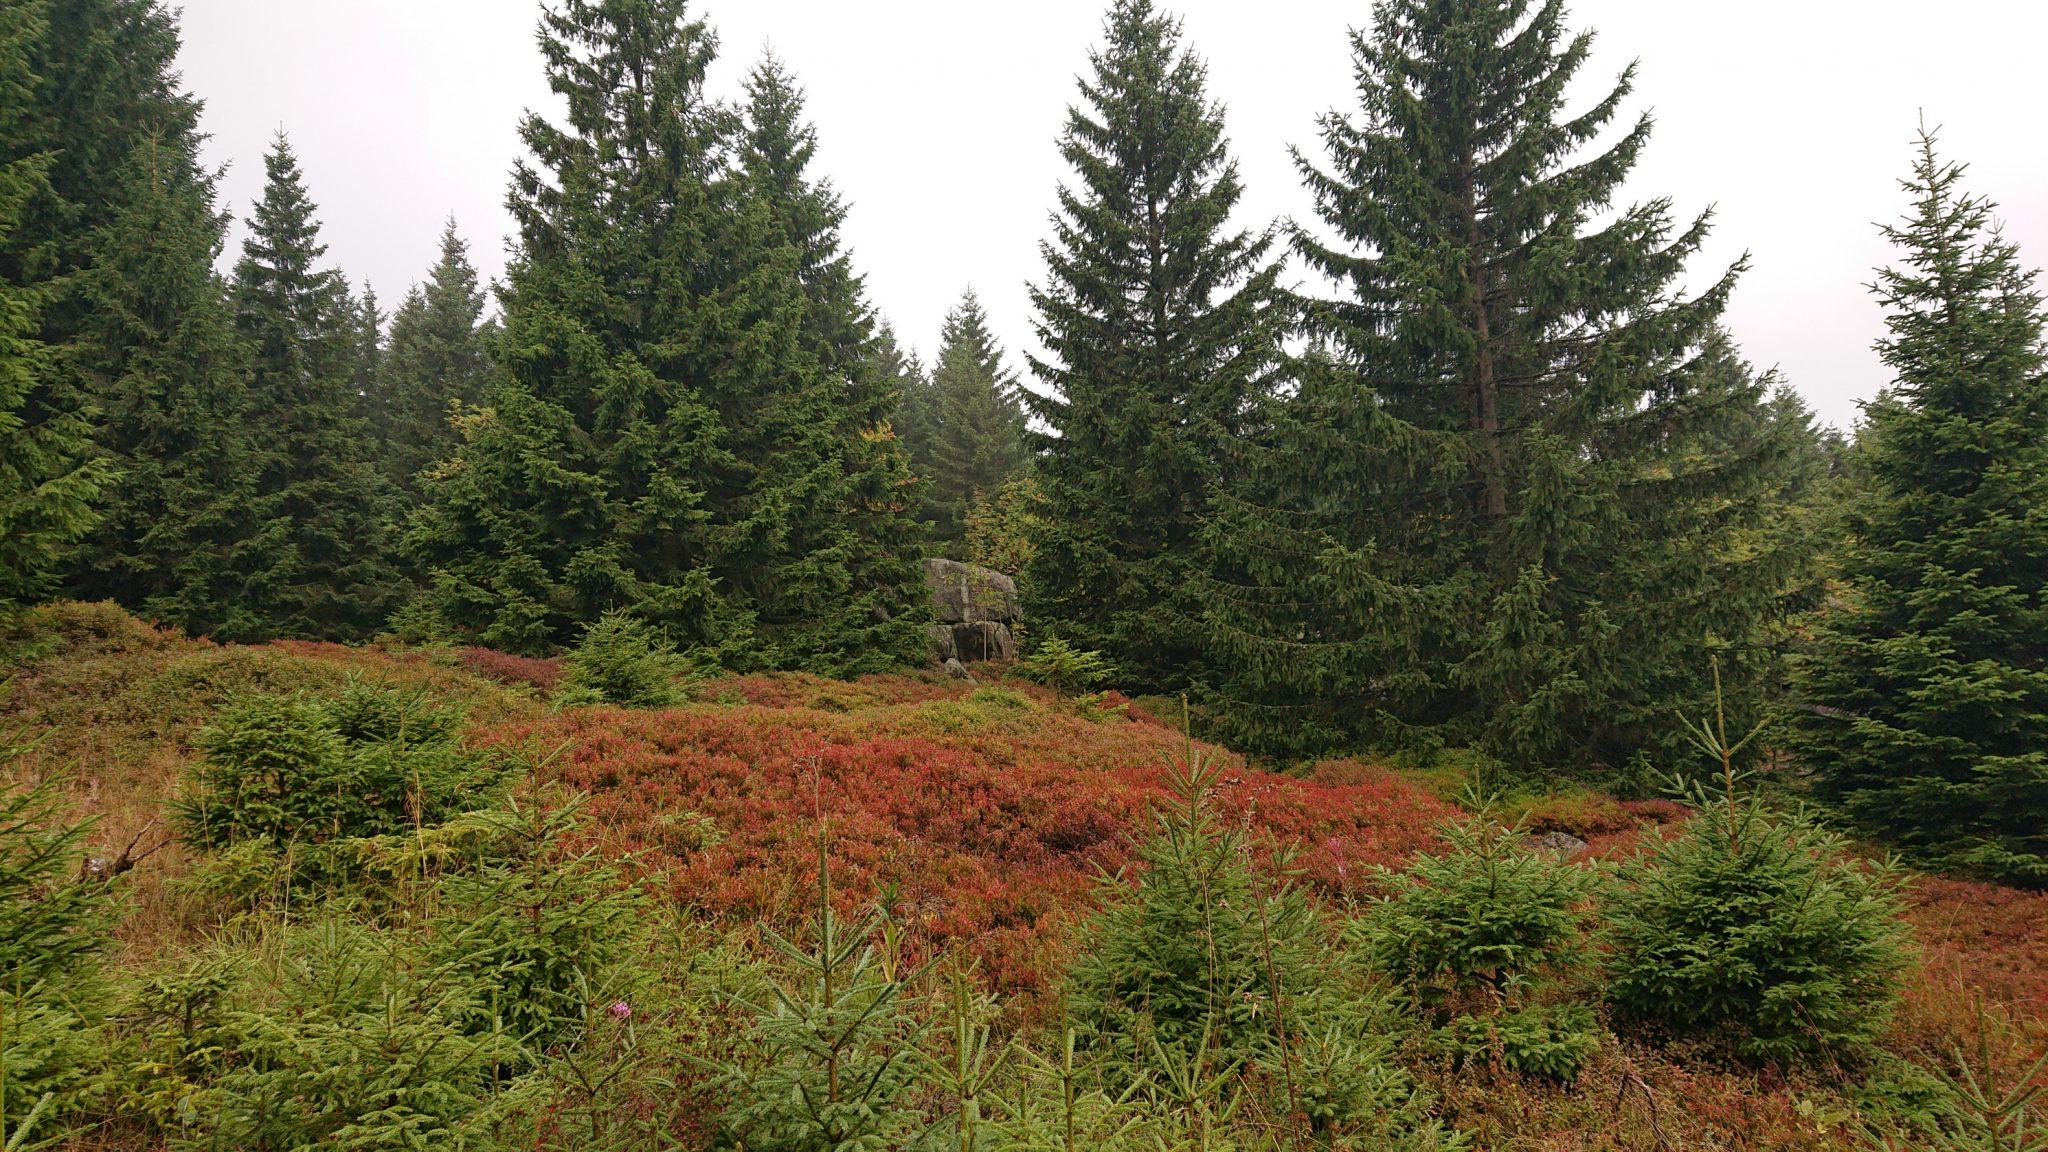 Wanderung Brocken über Heinrich-Heine-Weg, Start in Ilsenburg, Nationalpark Harz, schöner Wanderweg im Wald, atmosphärisch, herrliche frische Luft